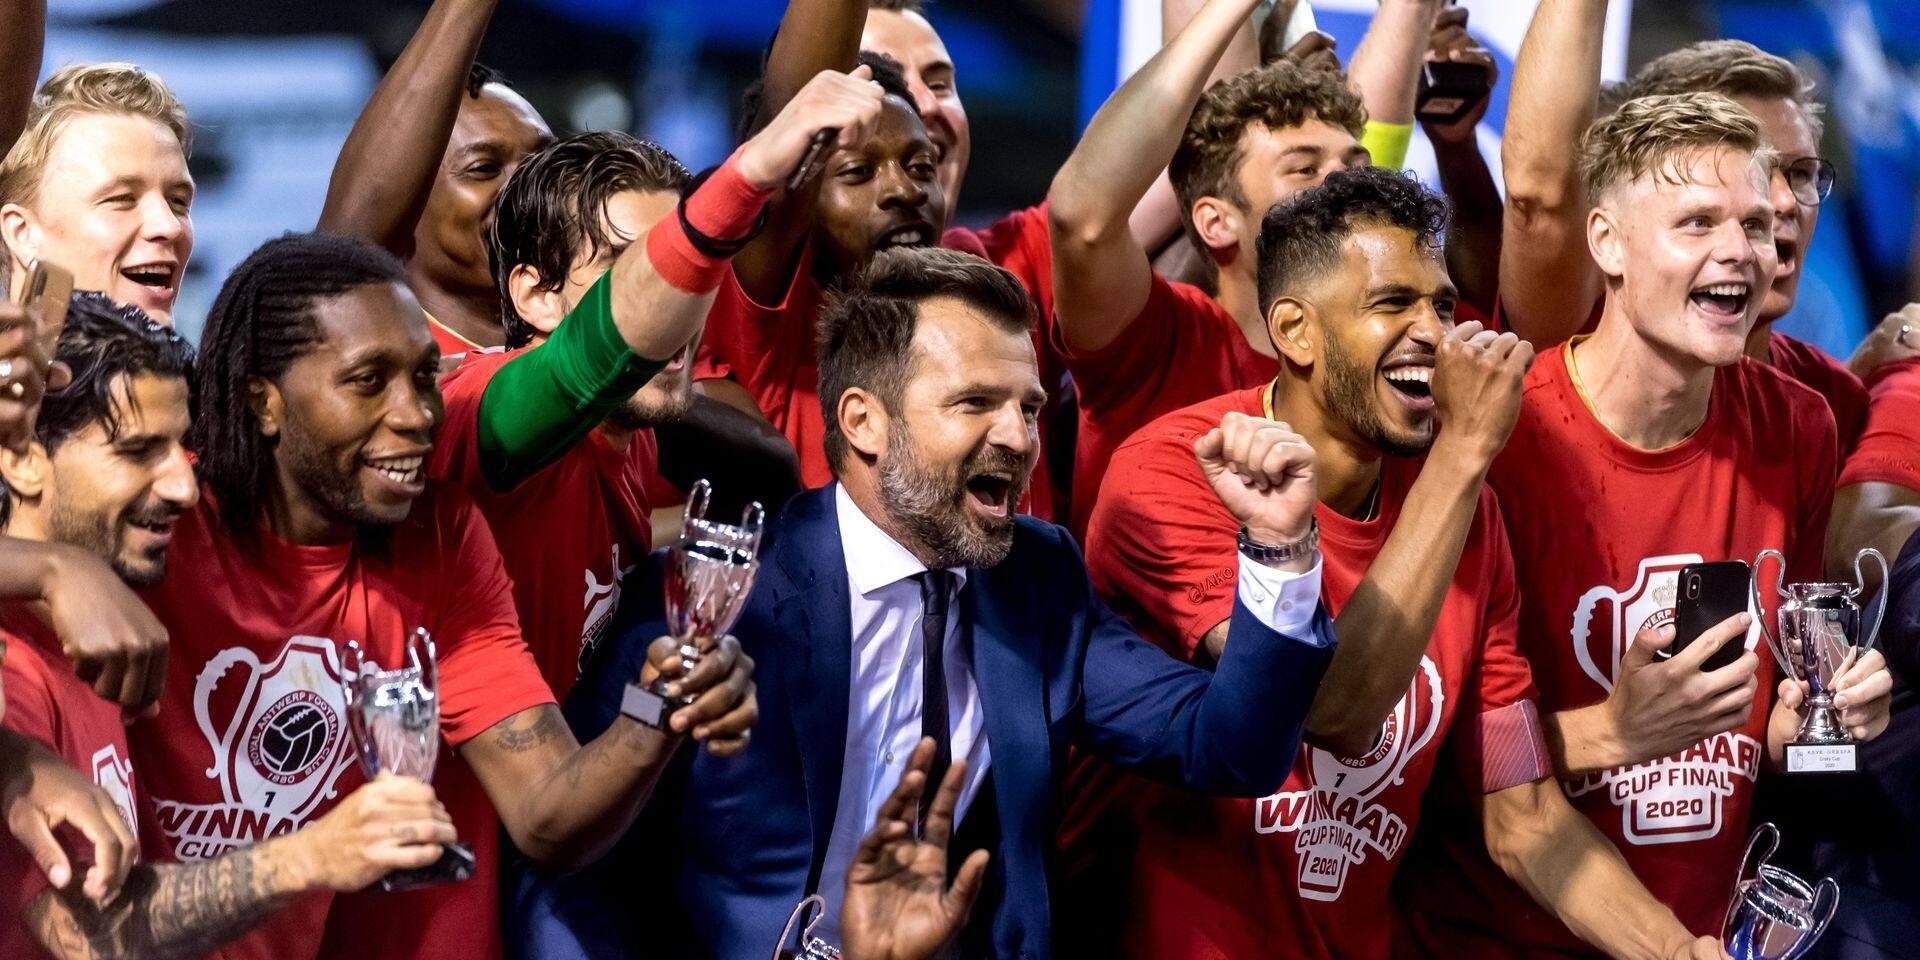 Vainqueur de la Coupe, l'Antwerp sera mis à l'honneur par la Ville d'Anvers